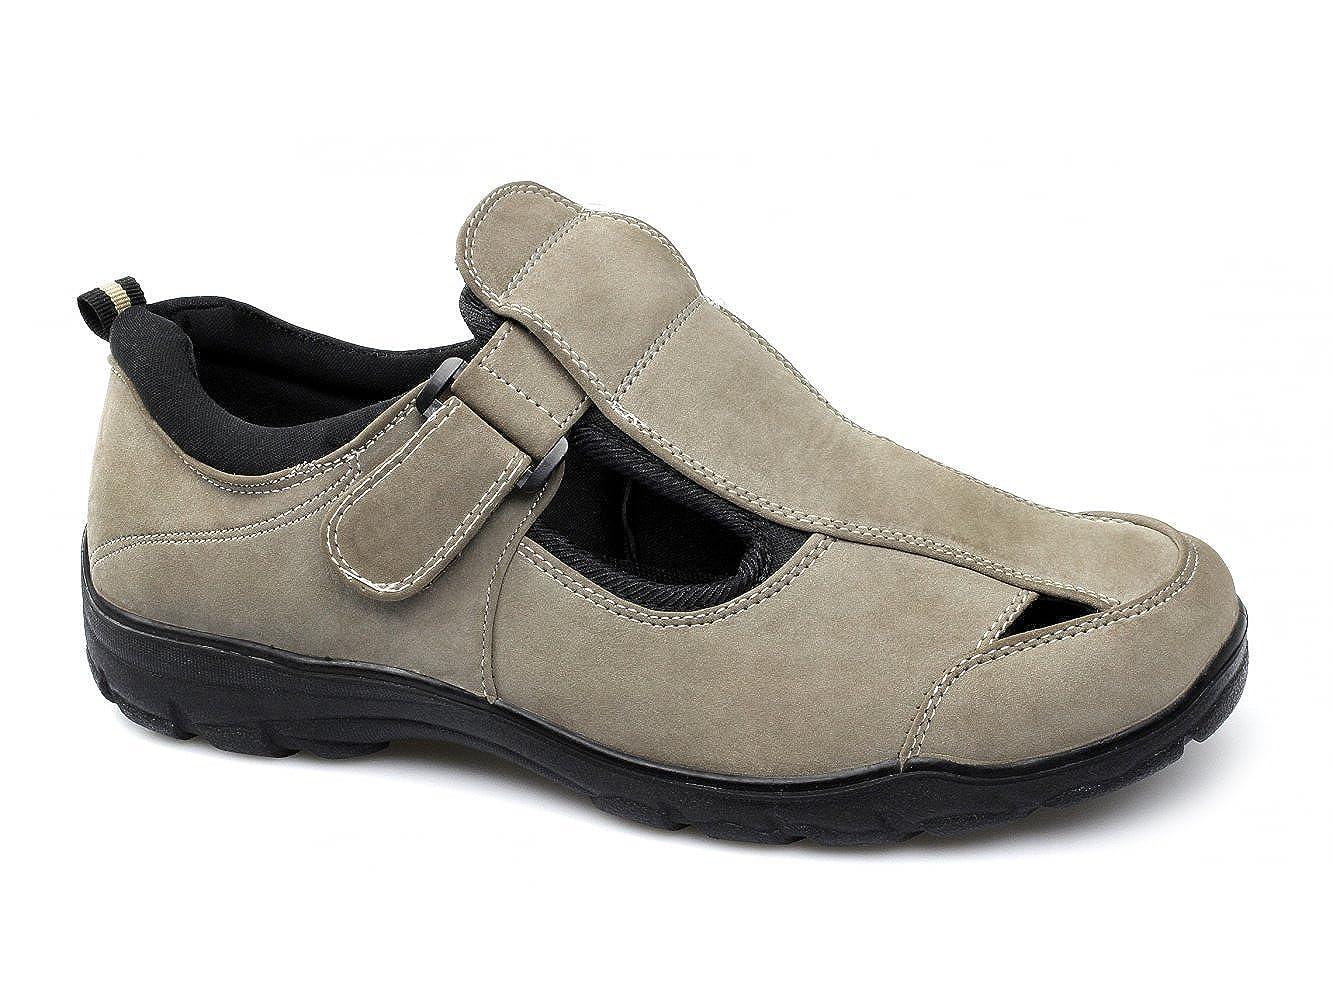 Wide fit sandals shoes uk - Dr Keller Justin Mens Faux Nubuck Velcro Wide Fit Sandals Beige Uk 6 Amazon Co Uk Shoes Bags